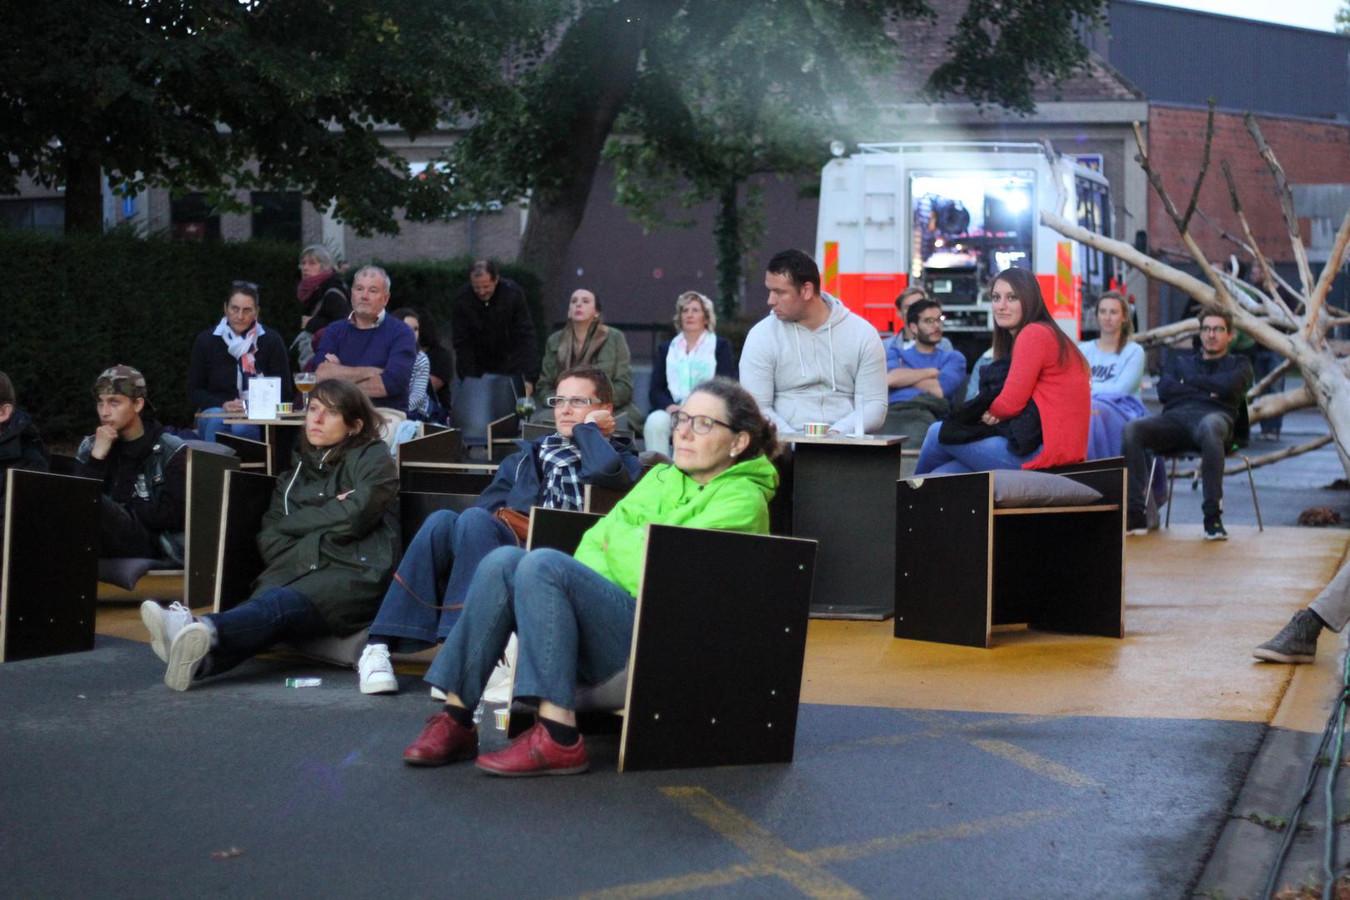 Genieten van een film in open lucht is nu mogelijk op de Houtkaai.